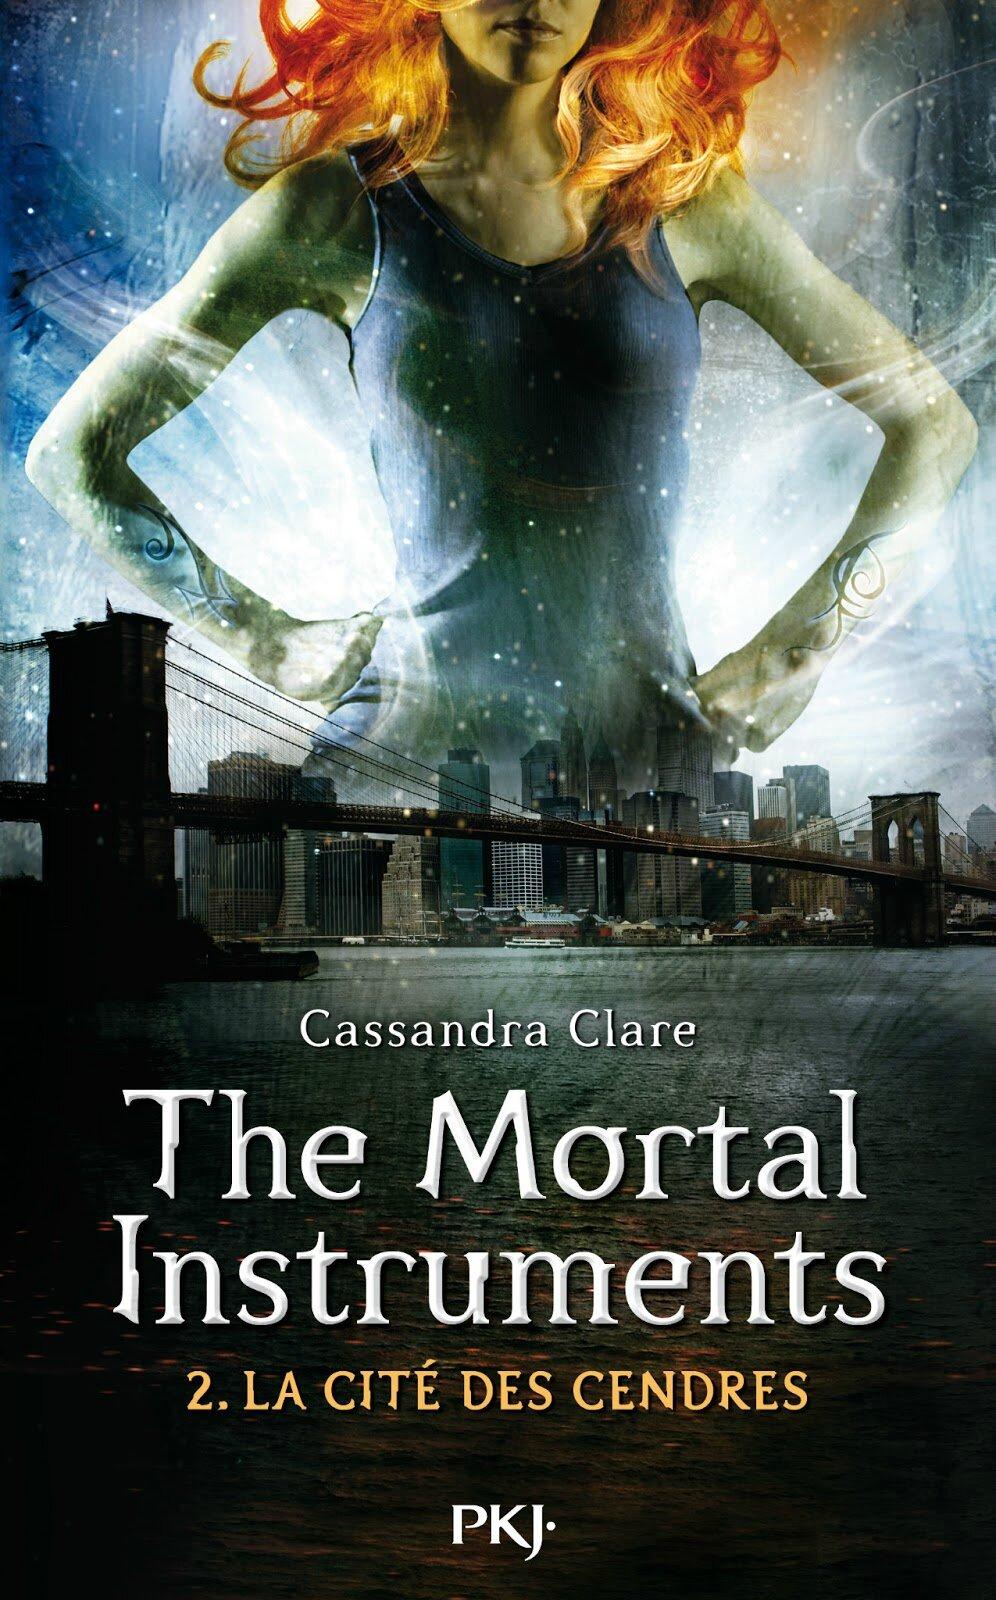 The Mortal Instruments La Cité Des Cendres Le Film Plus De Détails Sur Le Report Du Tournage Les Faces Cachées D Une Flèche